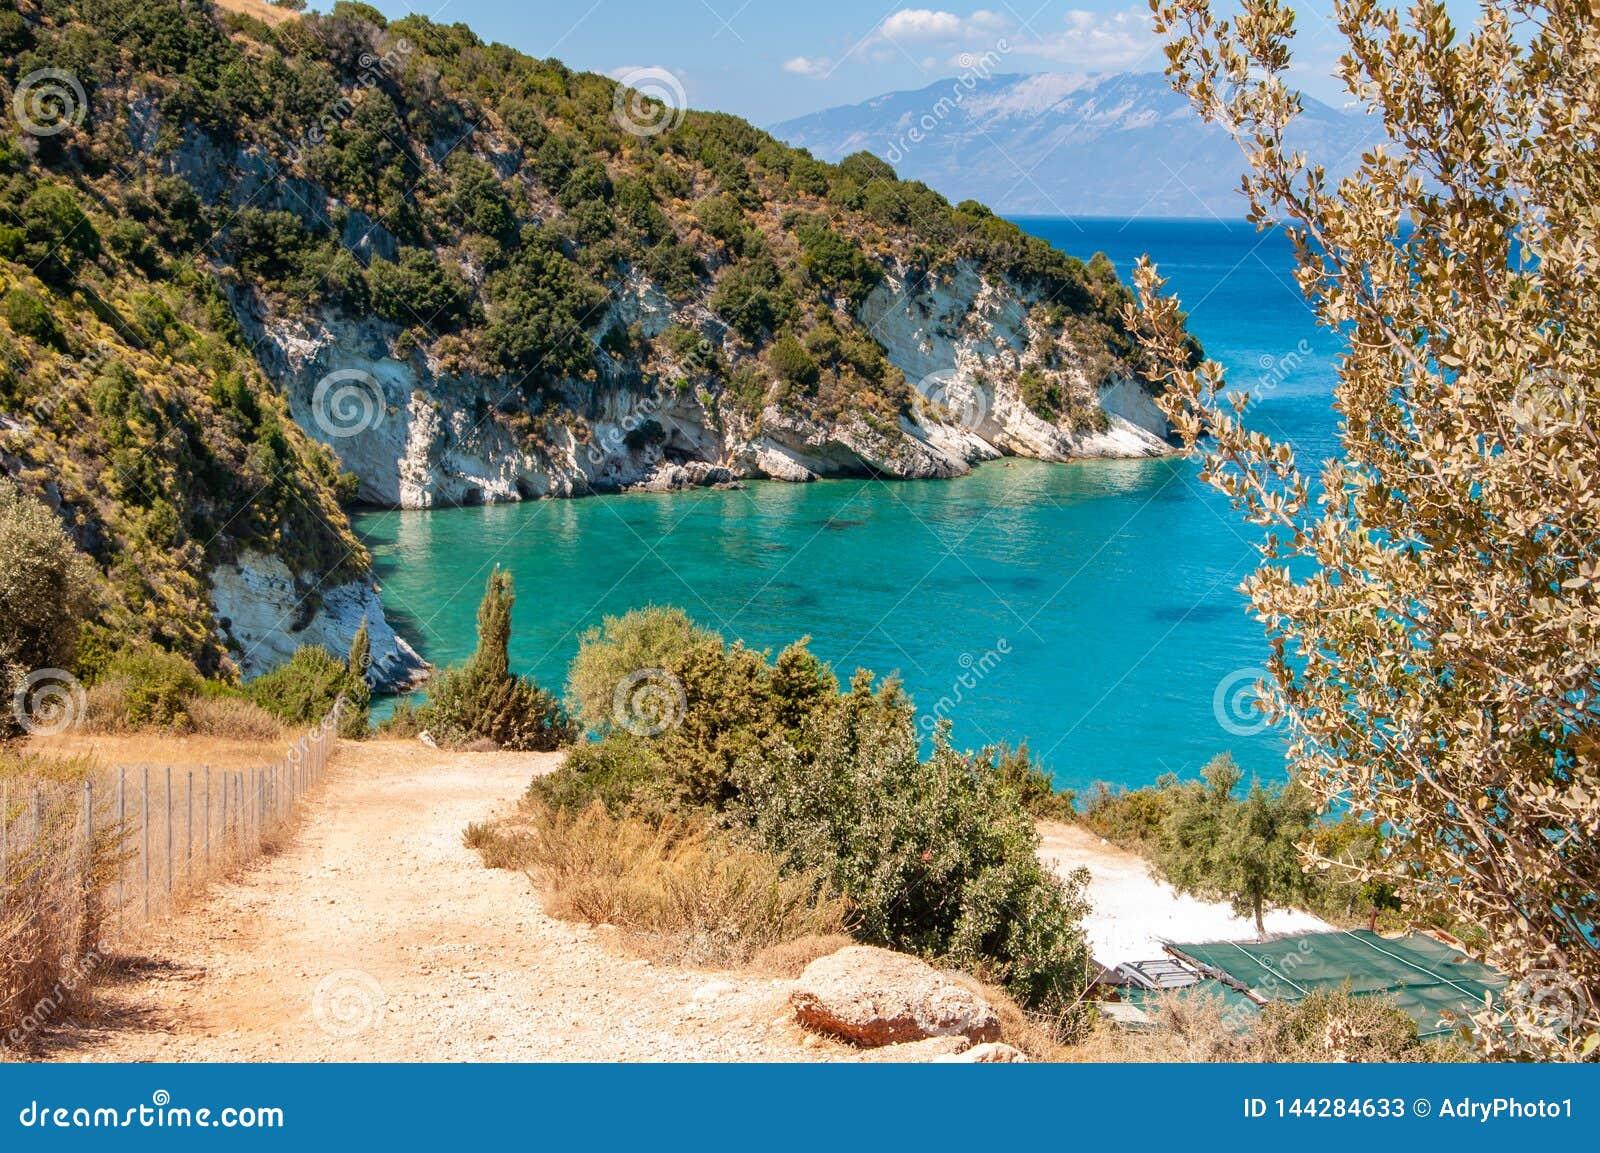 Zakynthos island: One day tour to Navagio Shipwreck Beach Blue ... | 1152x1600